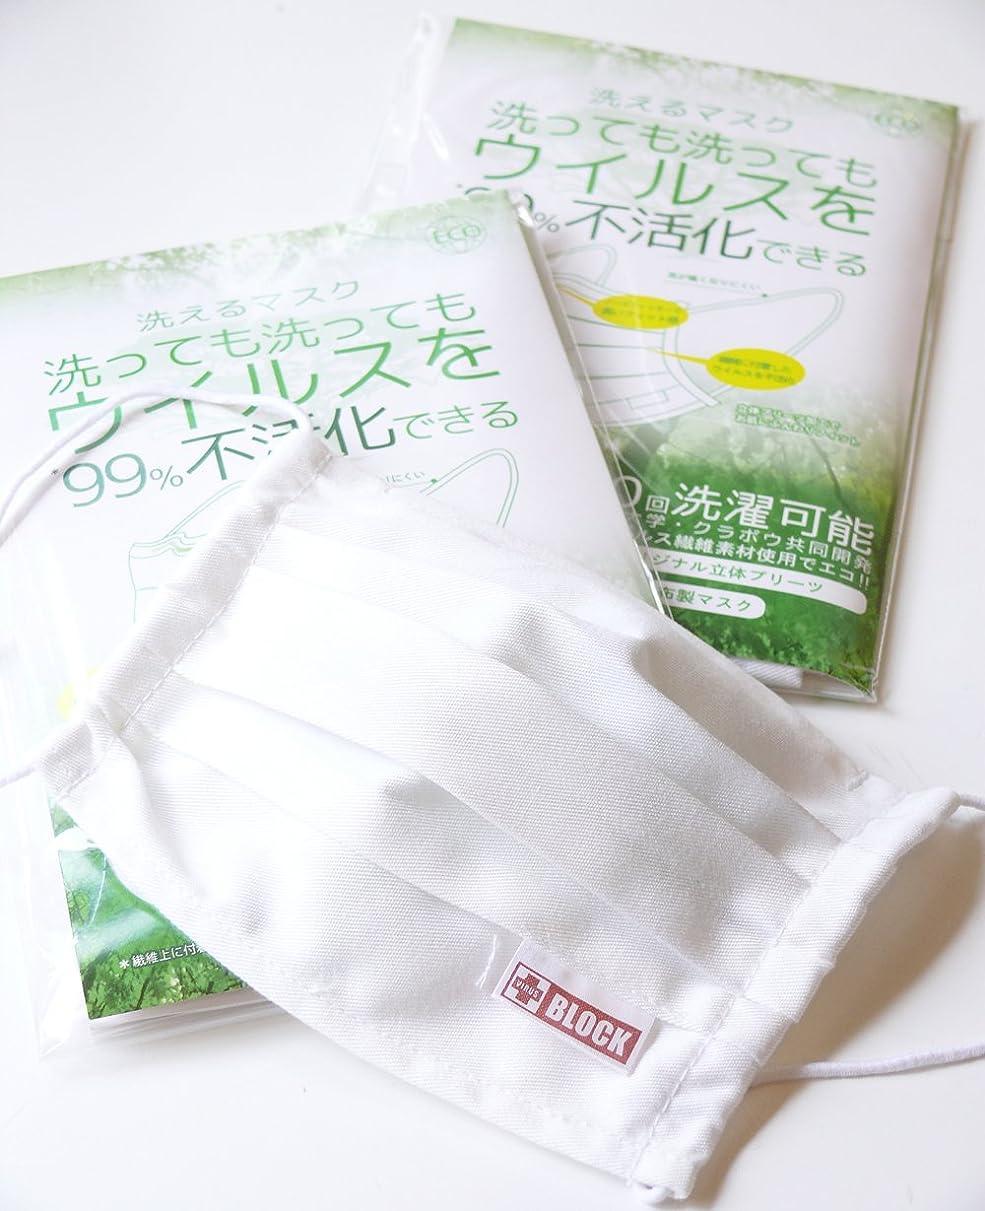 適切に征服するブラウン洗えるマスク プリーツタイプ 3枚セット レギュラーサイズ ホワイト